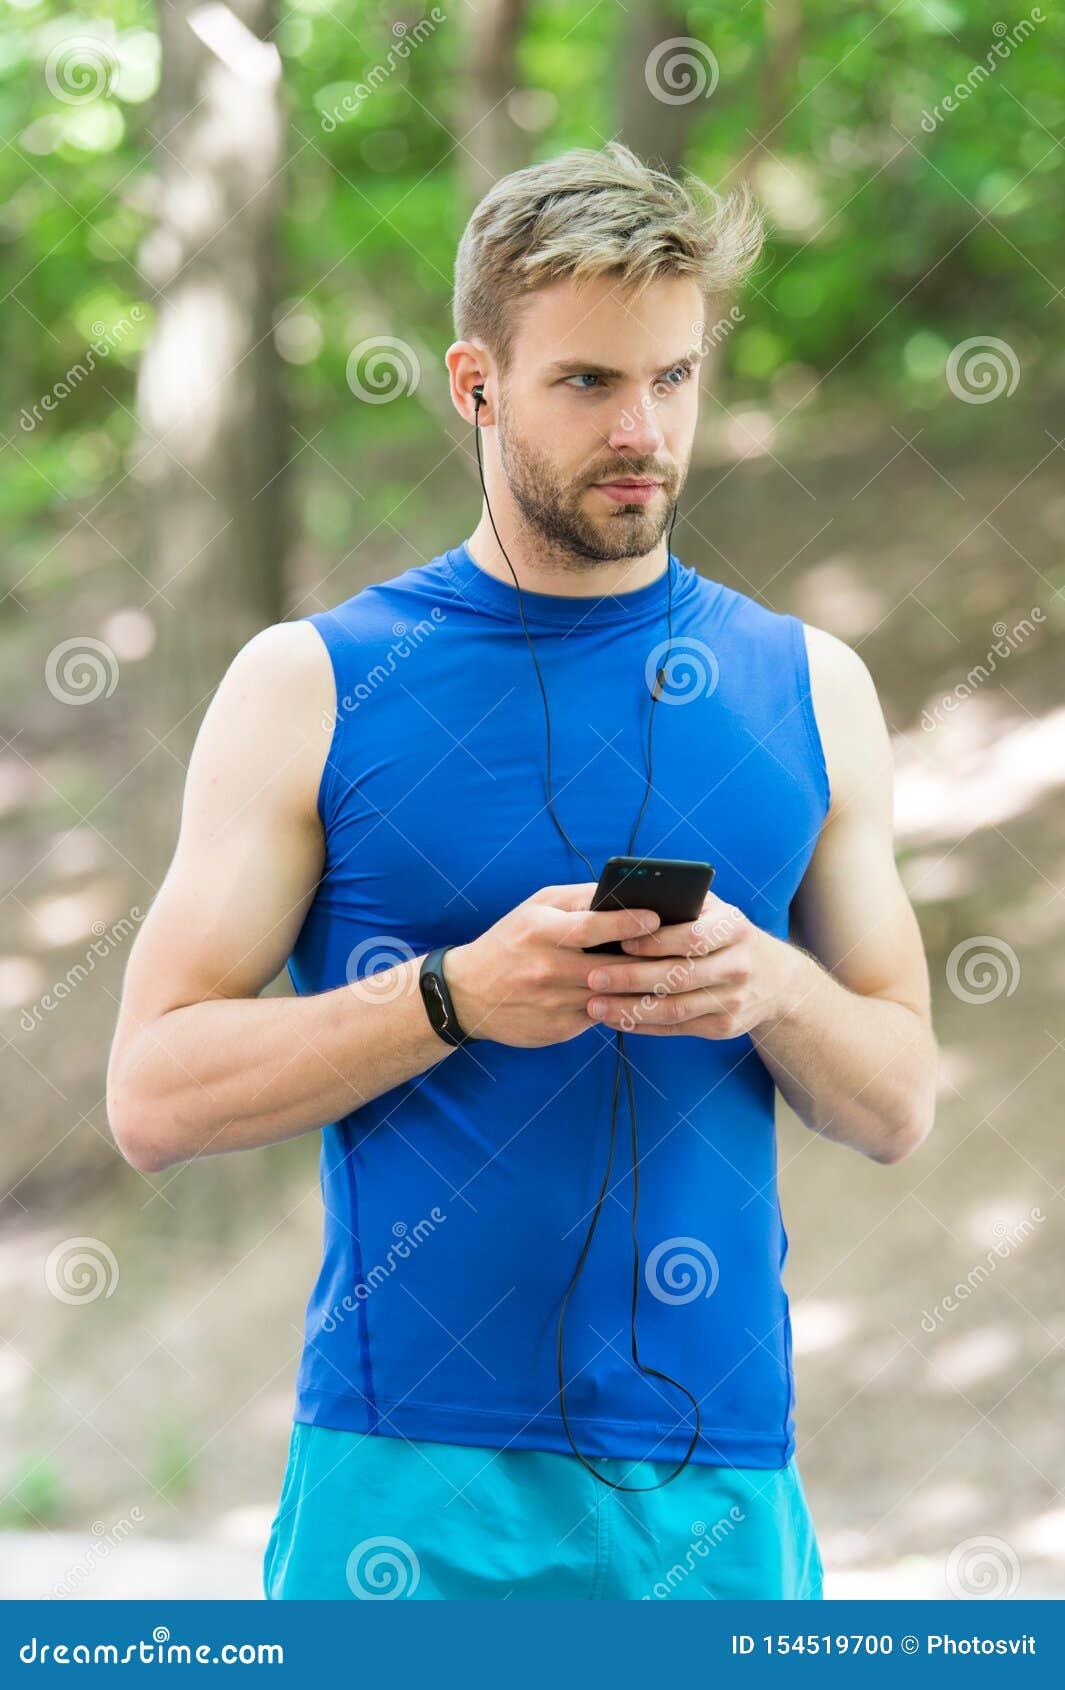 Installi l itinerario per il funzionamento facendo uso dell applicazione Smartphone dell uomo pronto ad iniziare trotto Applicazi